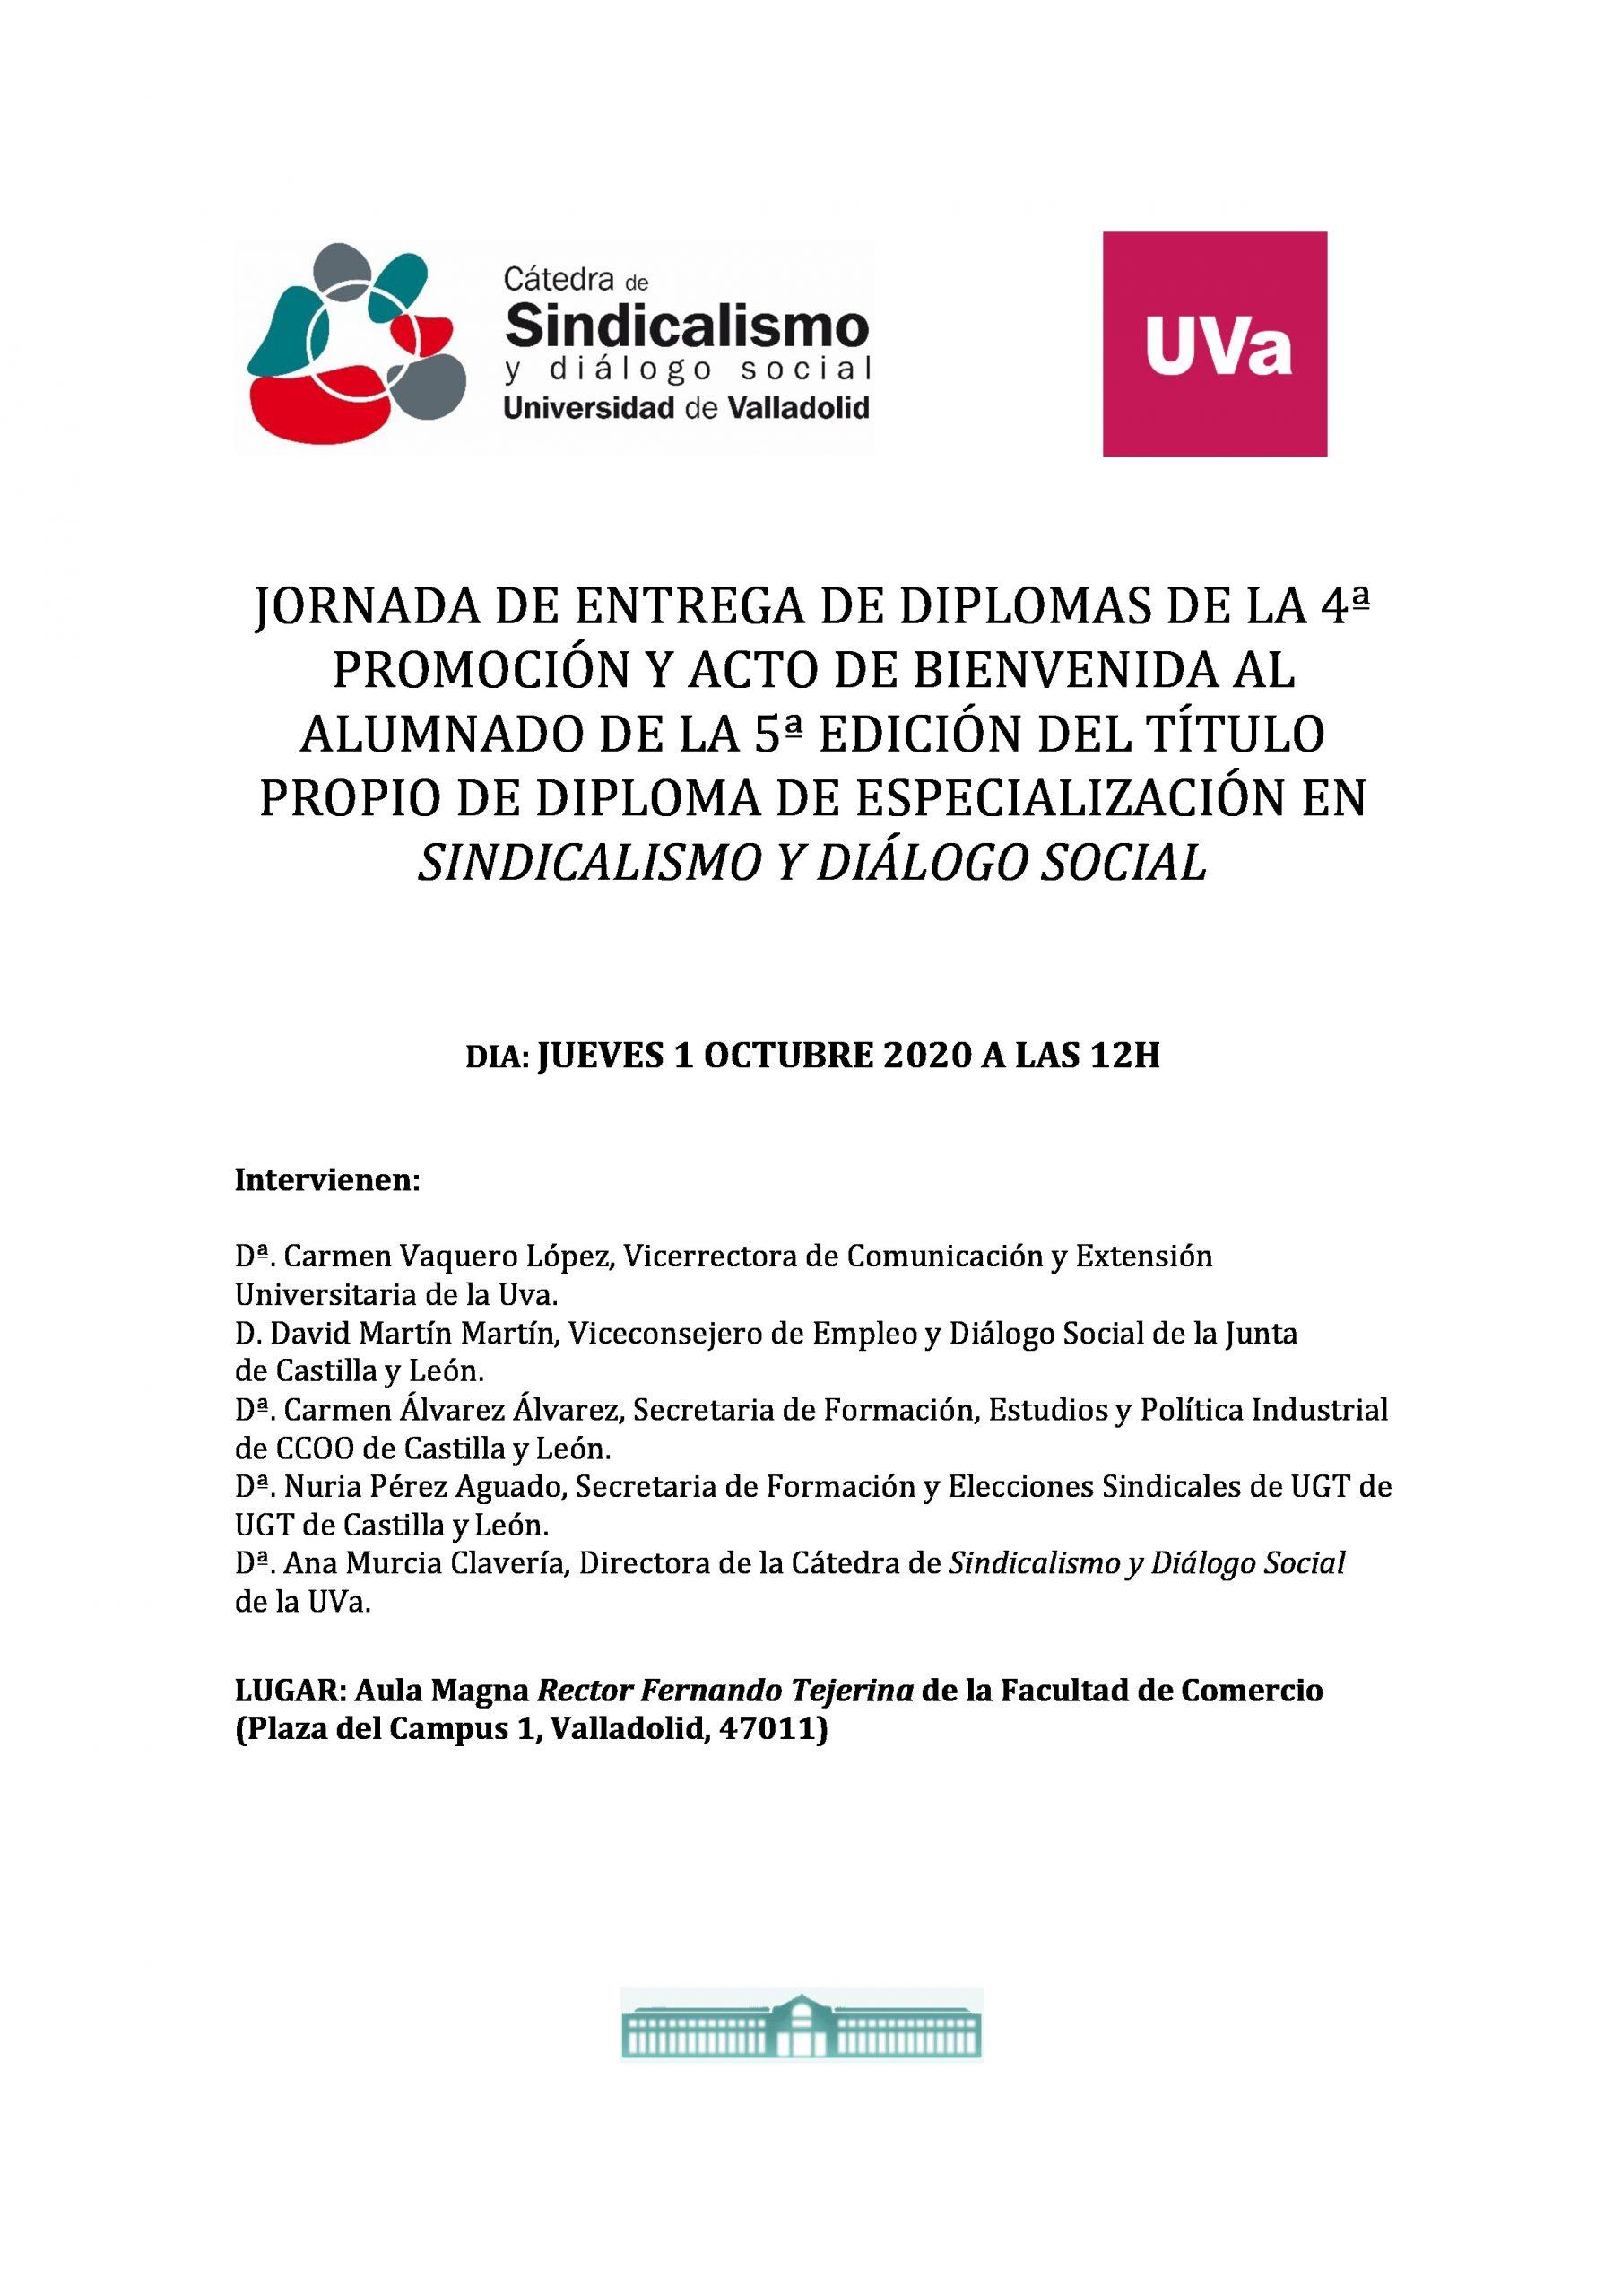 Entrega de Diplomas 4ª Promoción y acto bienvenida 5ª edición. Cátedra Sindicalismo